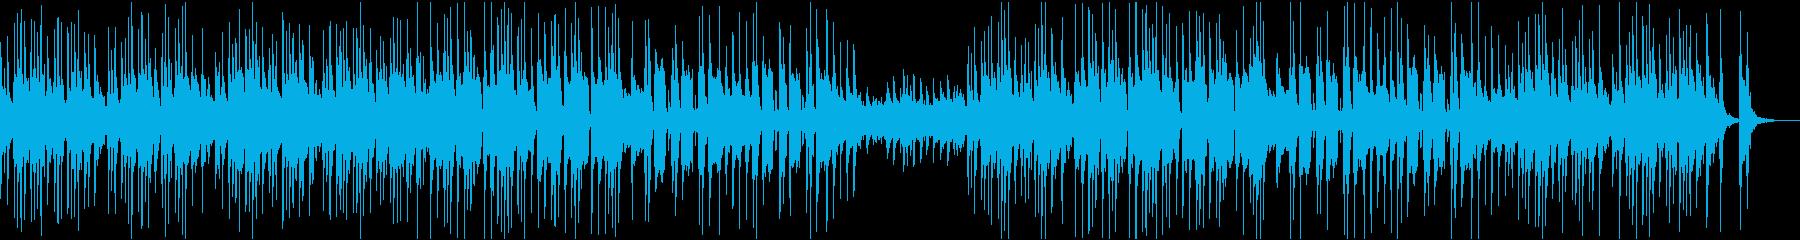 ハロウィン、洋館をイメージ怪しく不気味曲の再生済みの波形